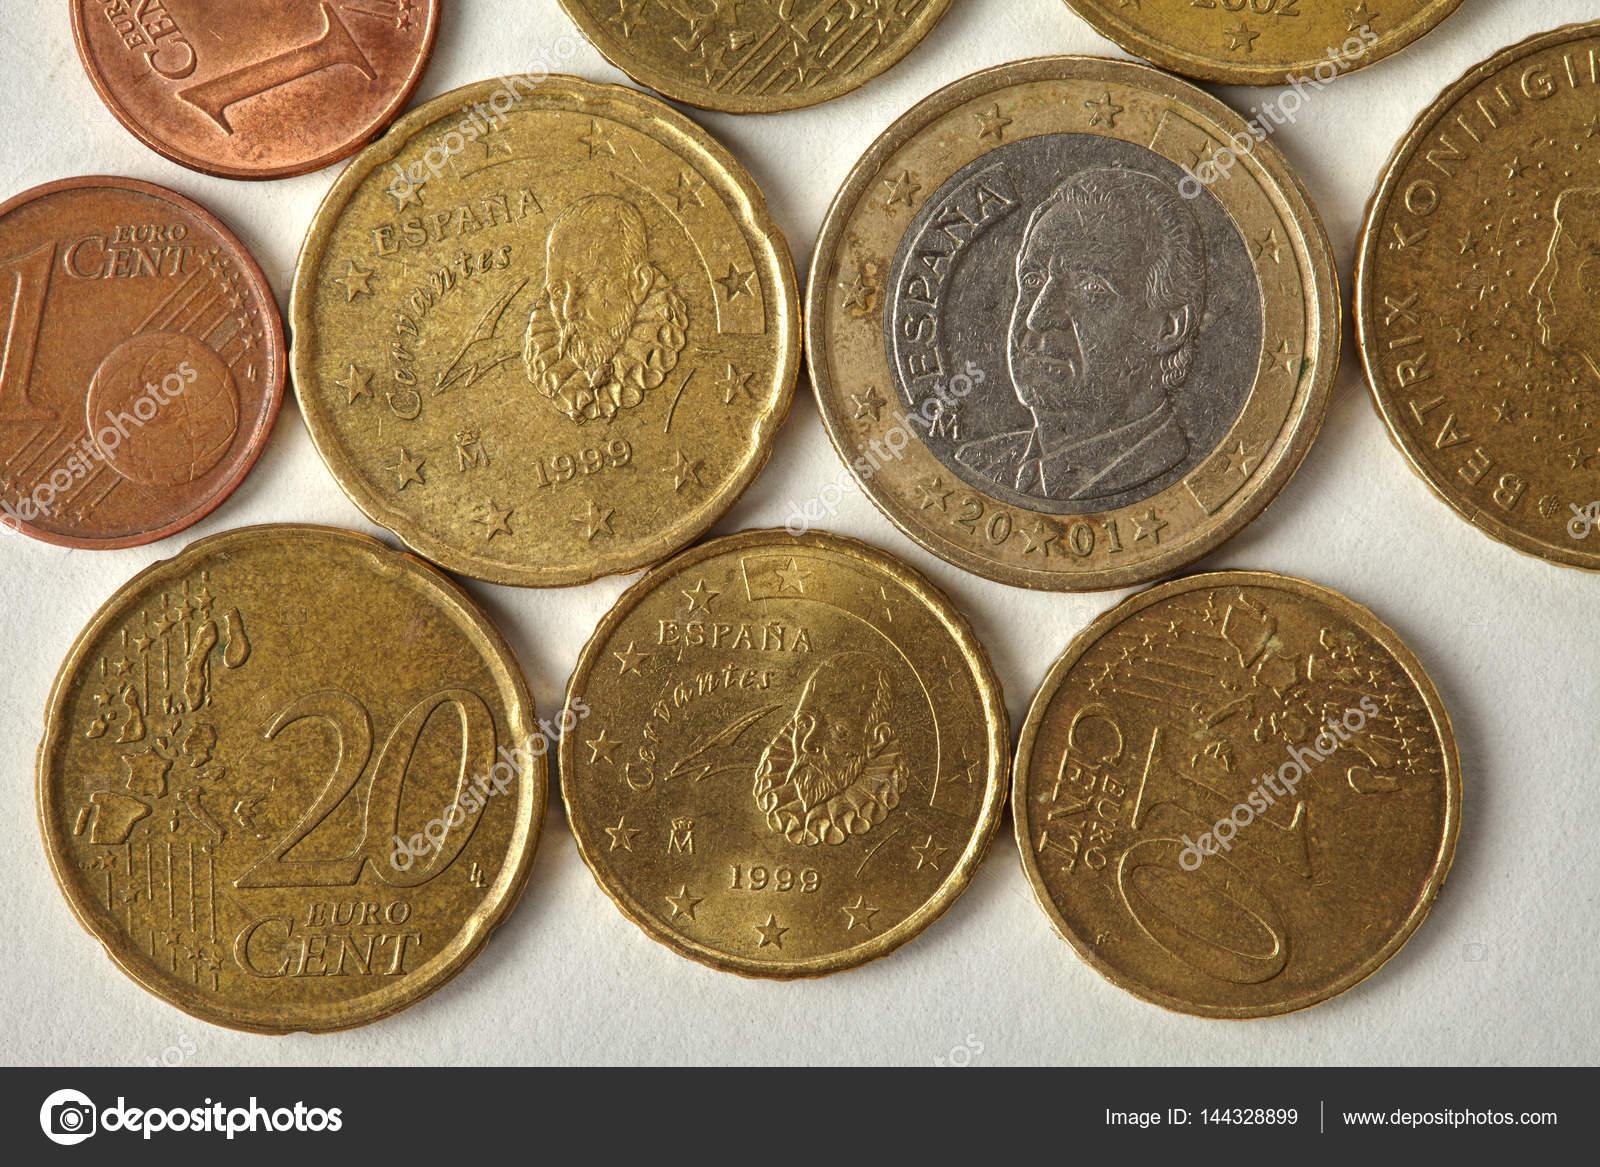 Espana Spanien Euro Cent Münzen Makro Ansicht Im Alter Von Geld